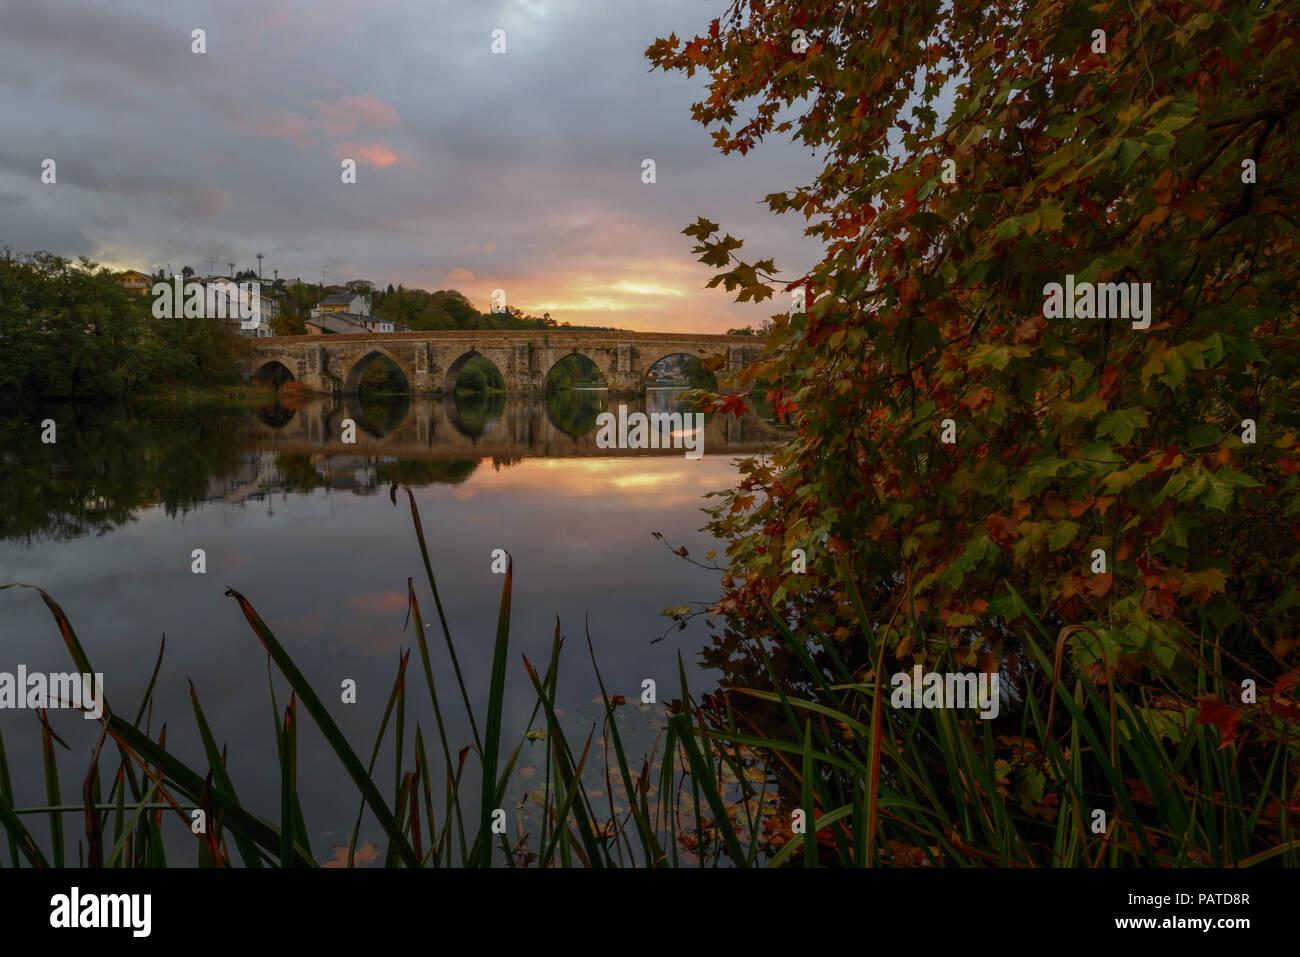 El puente romano sobre el río Miño al atardecer, en Lugo, Galicia - Stock Image